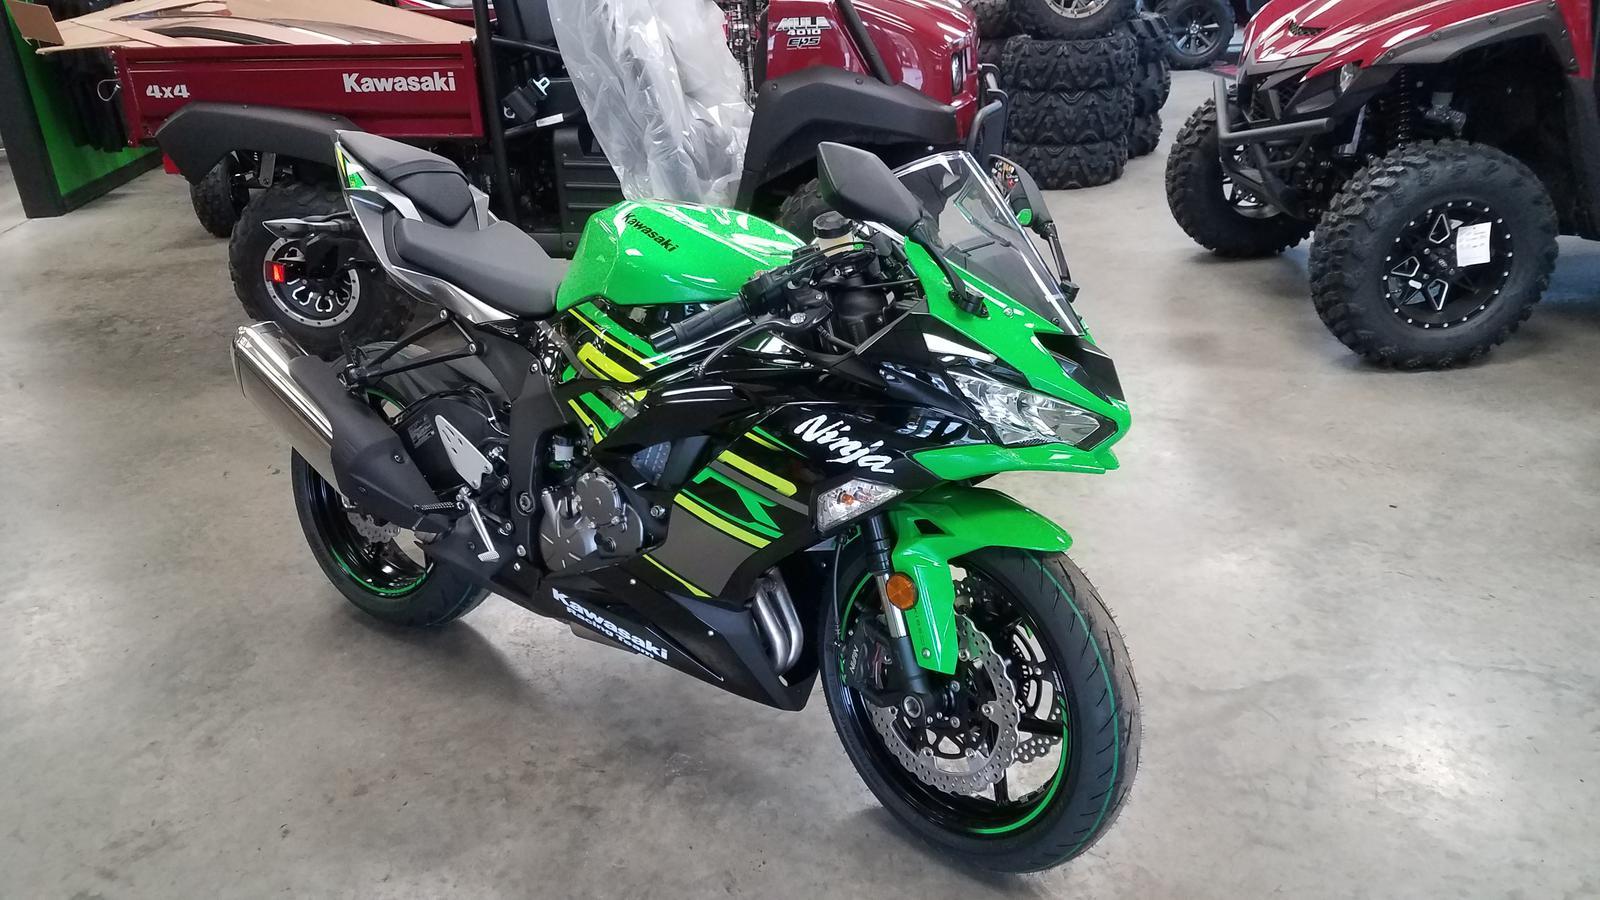 Inventory from Yamaha and Kawasaki Good Guys Motorsports